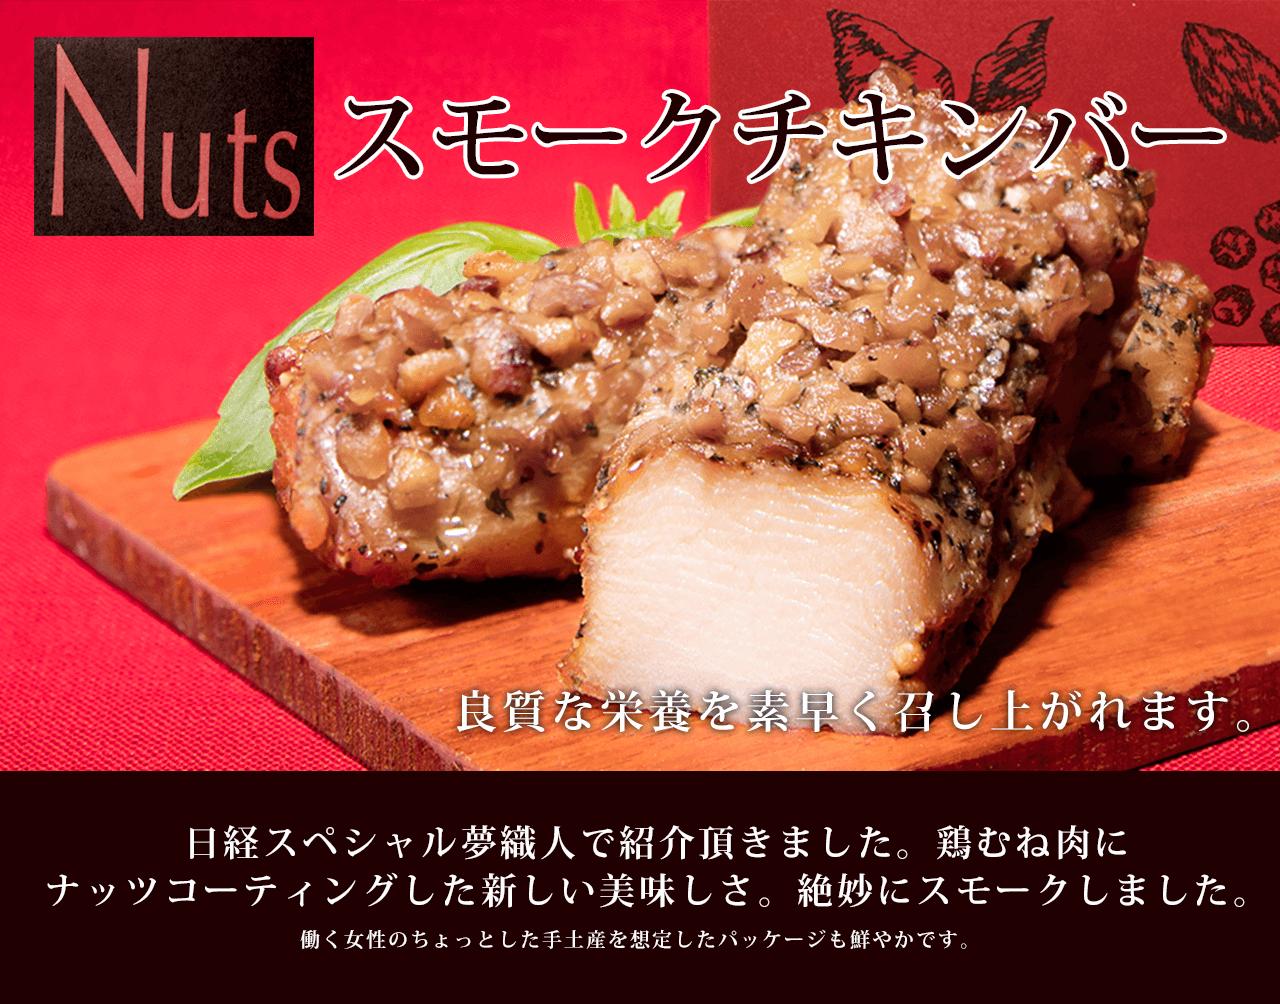 日経スペシャル夢織人で紹介頂きました。鶏むね肉にナッツコーティングした新しい美味しさ。絶妙にスモークしました。